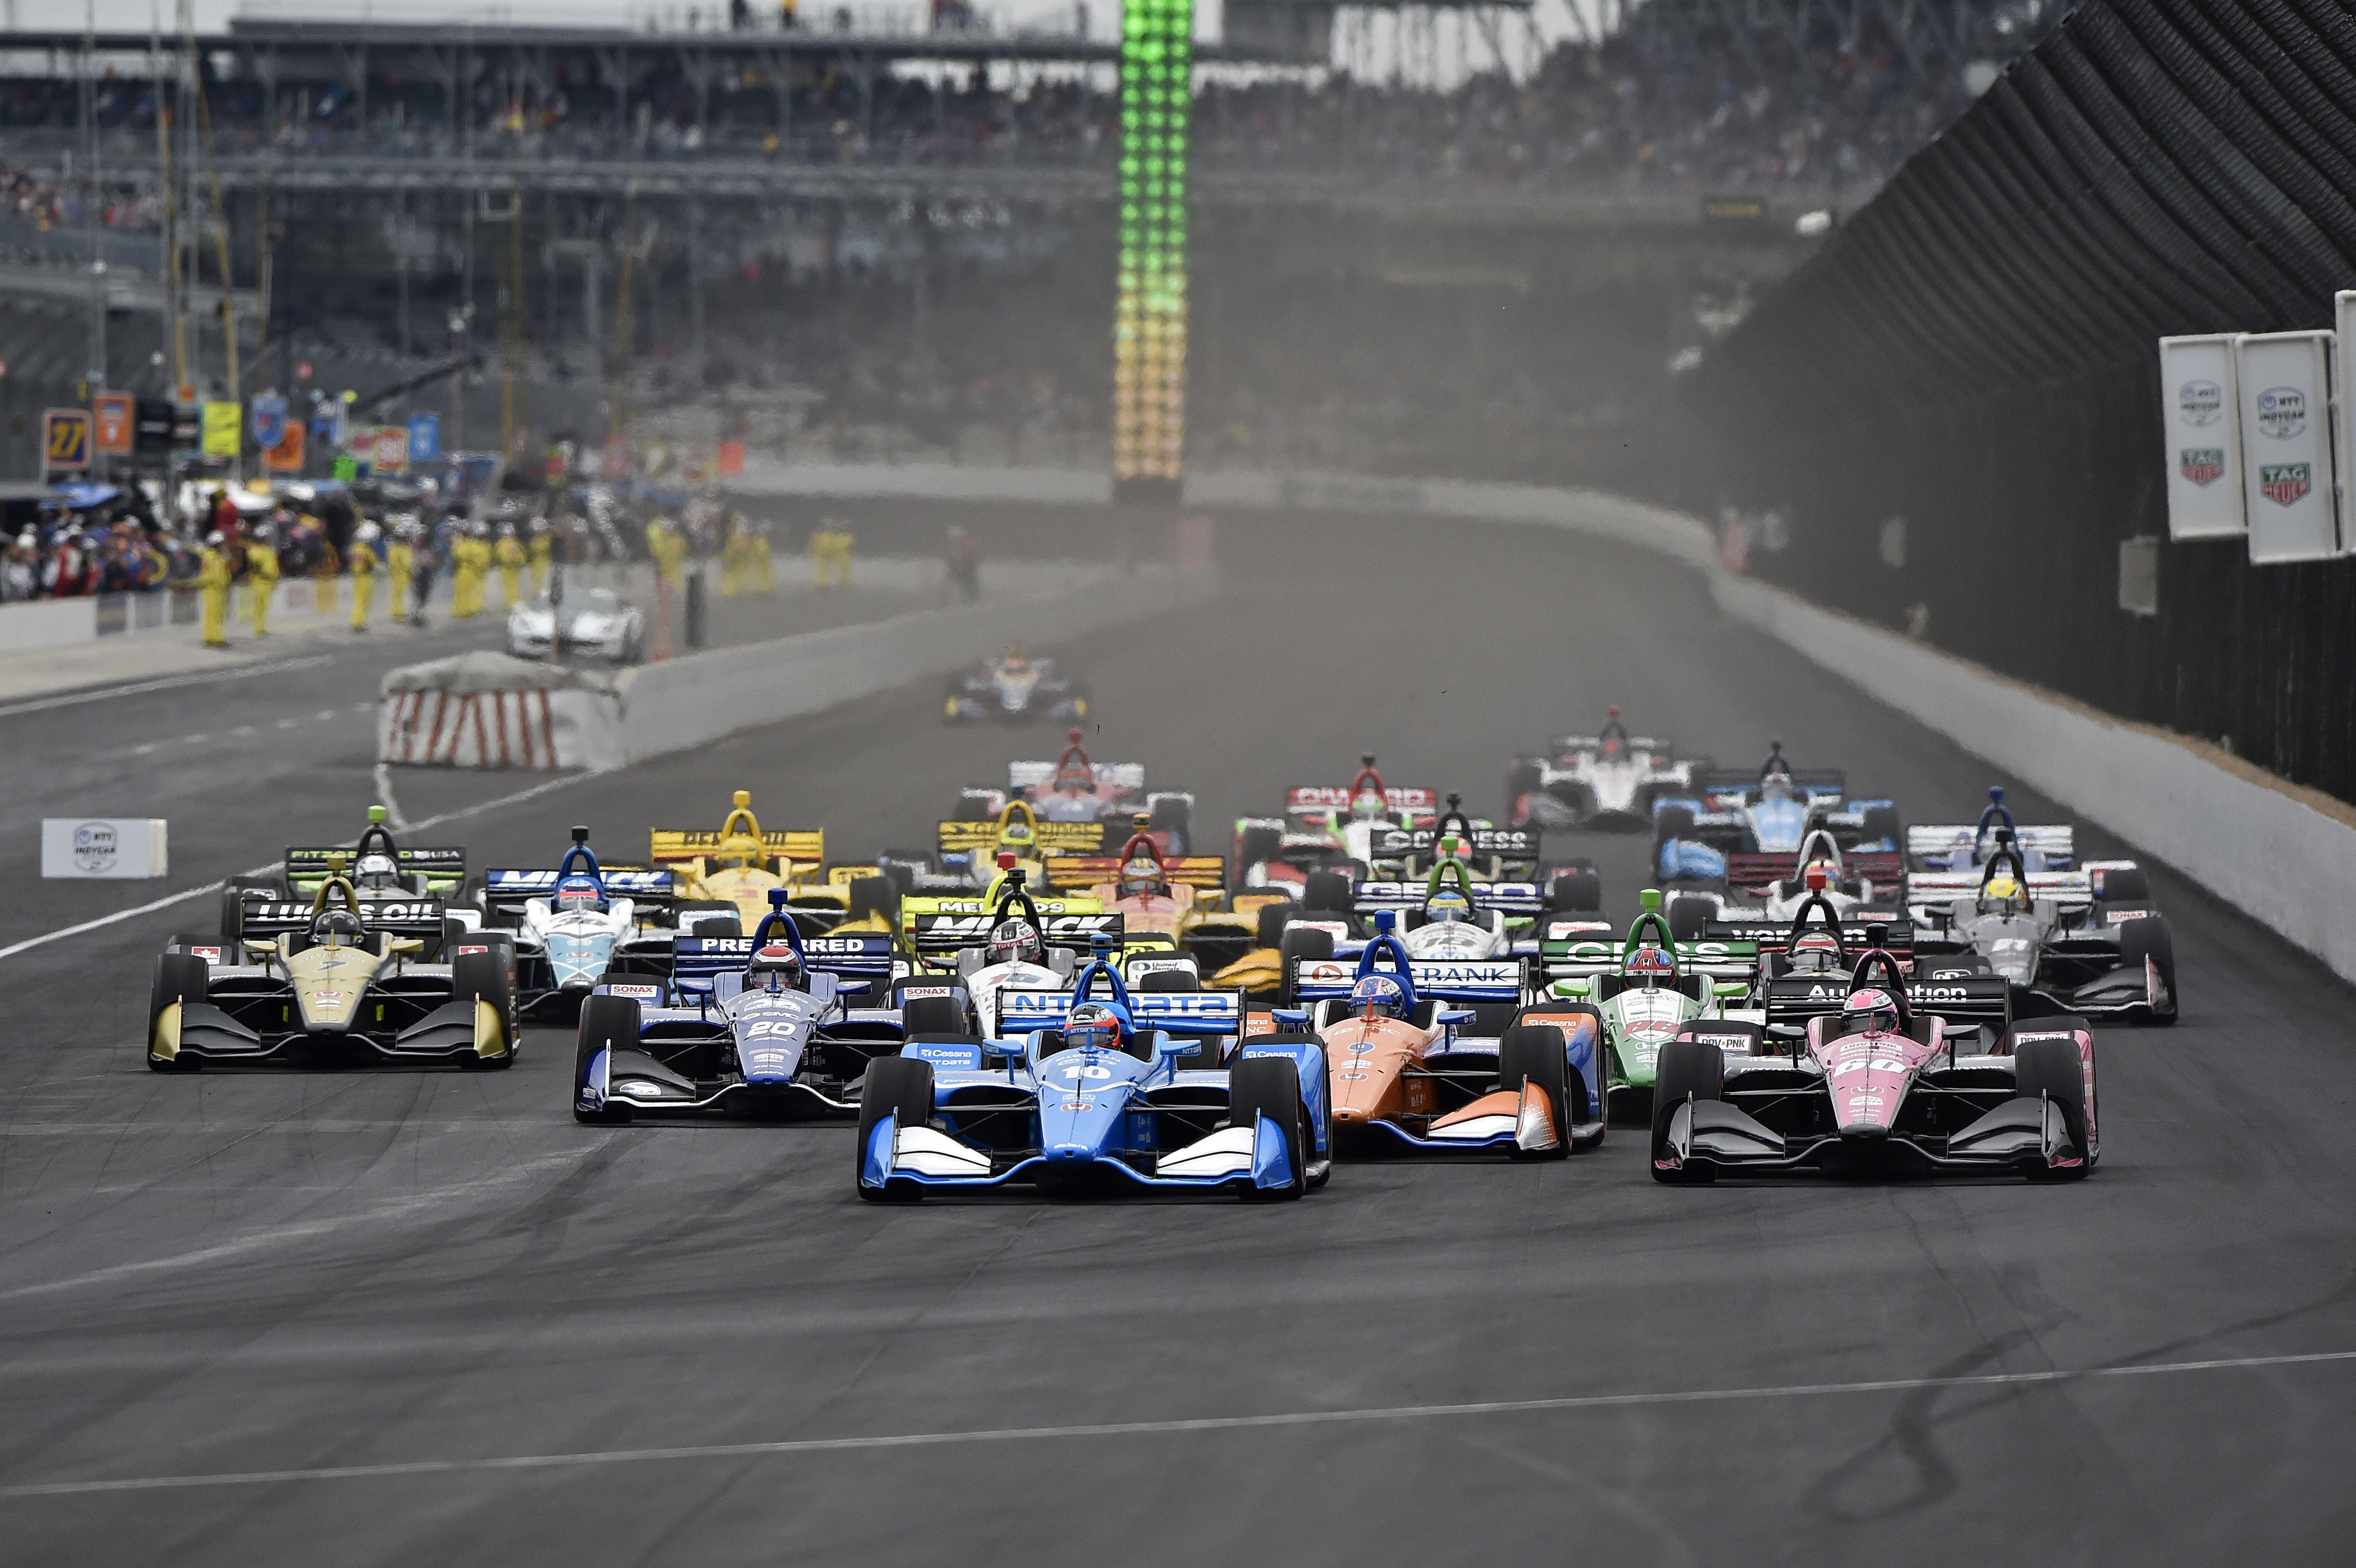 Старт Гран-при Индианаполиса 2019 года